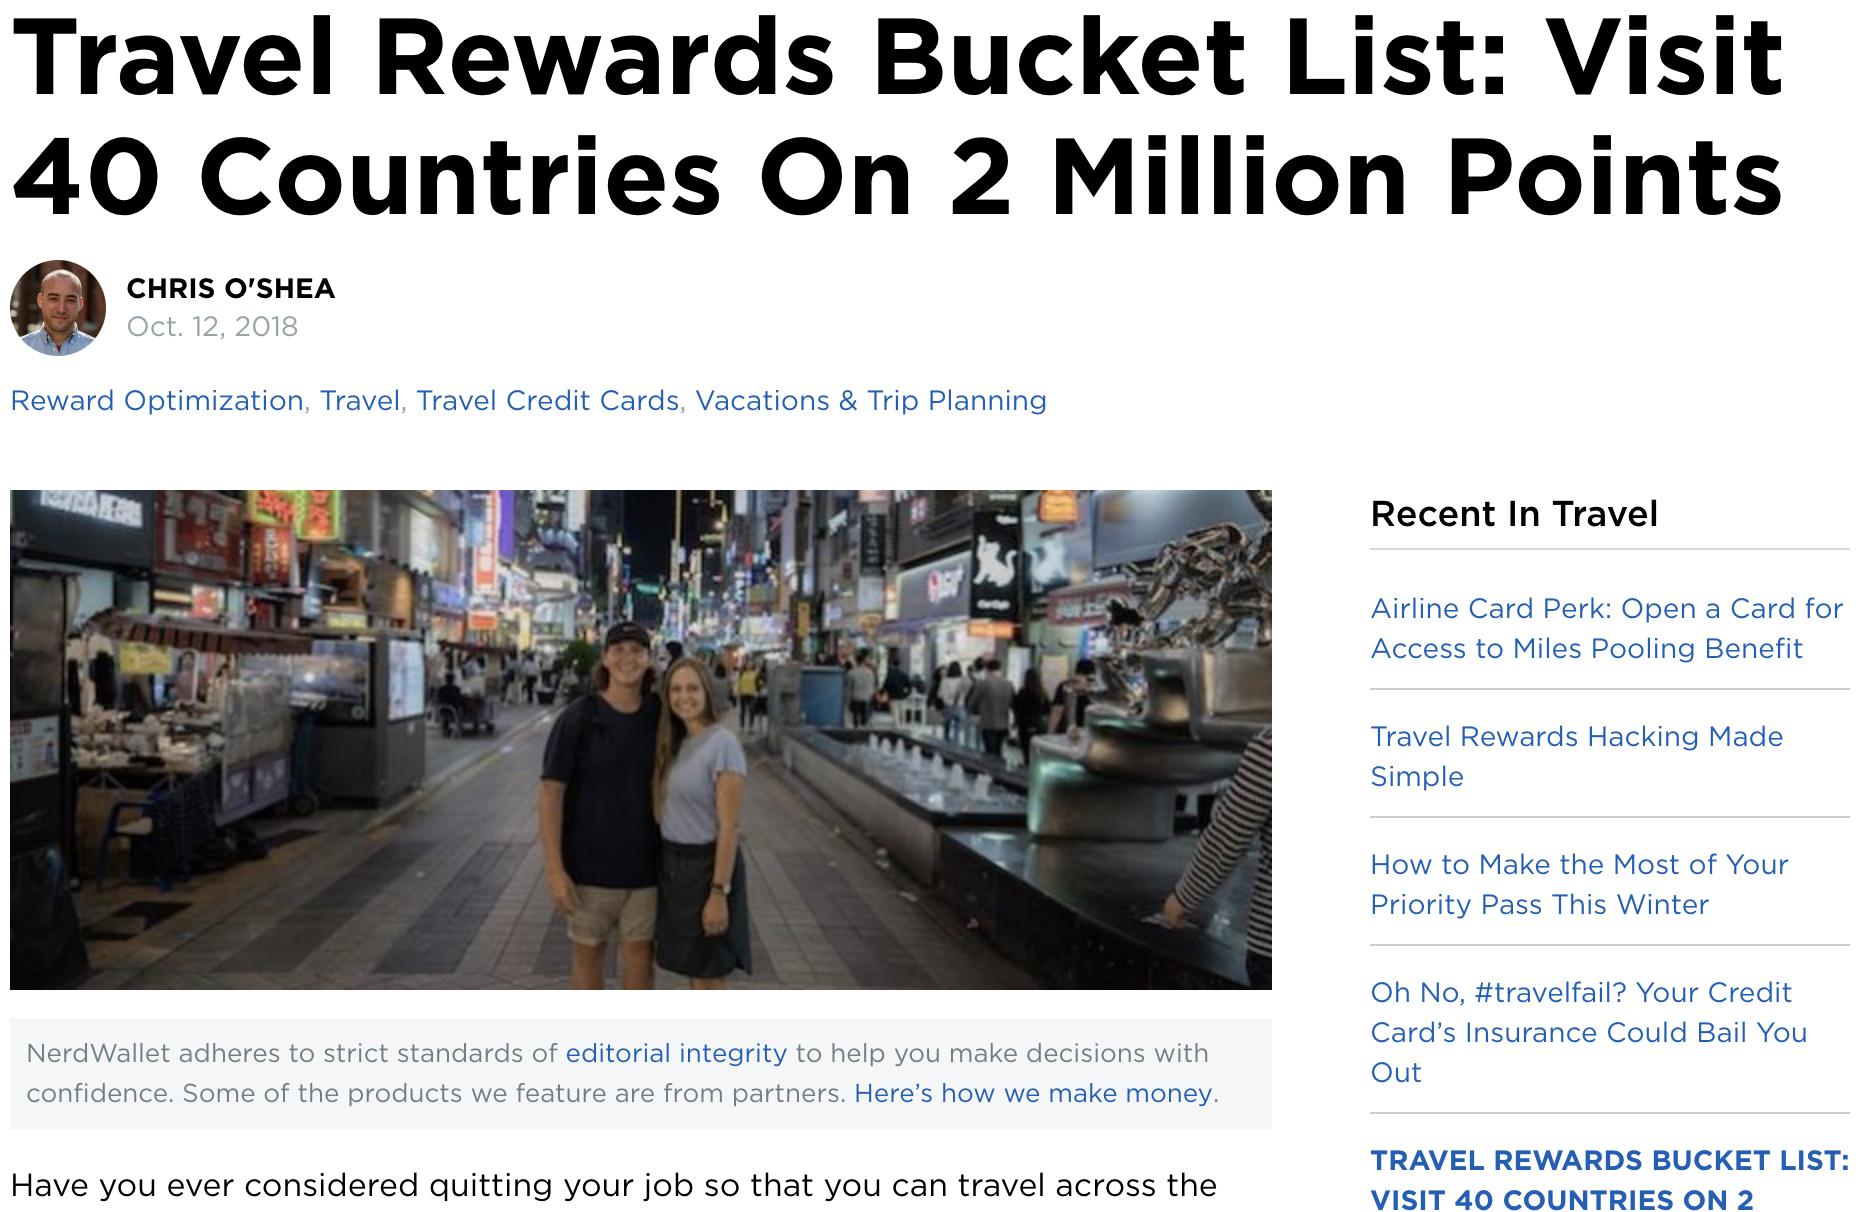 NerdWallet - Travel Rewards Bucket List: Visit 40 Countries on 2 Million Points